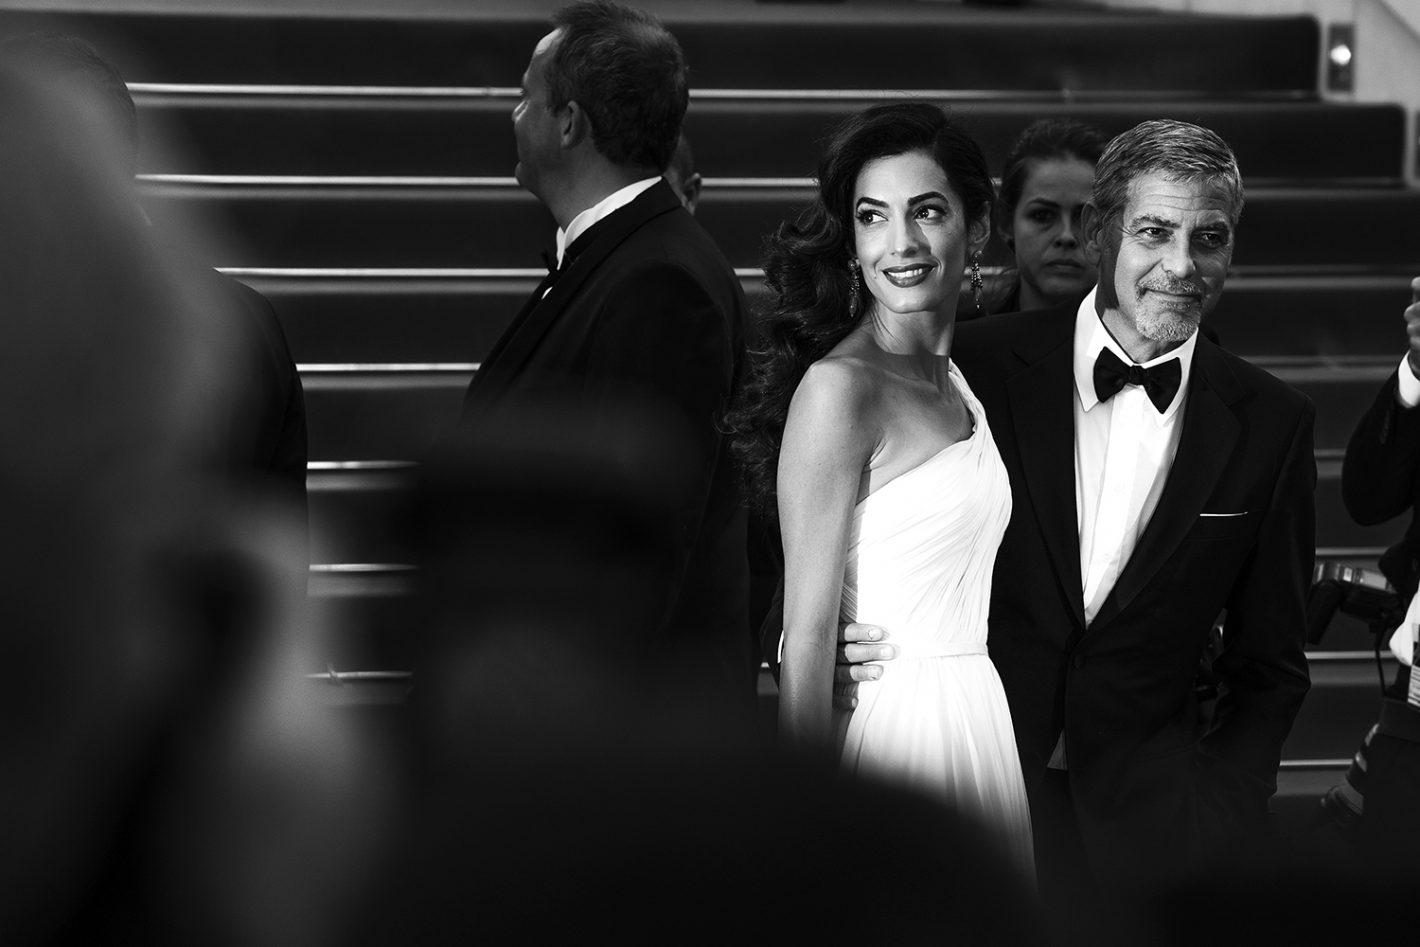 Festival de Cannes 2016 - Georges Clooney - Nikon D5